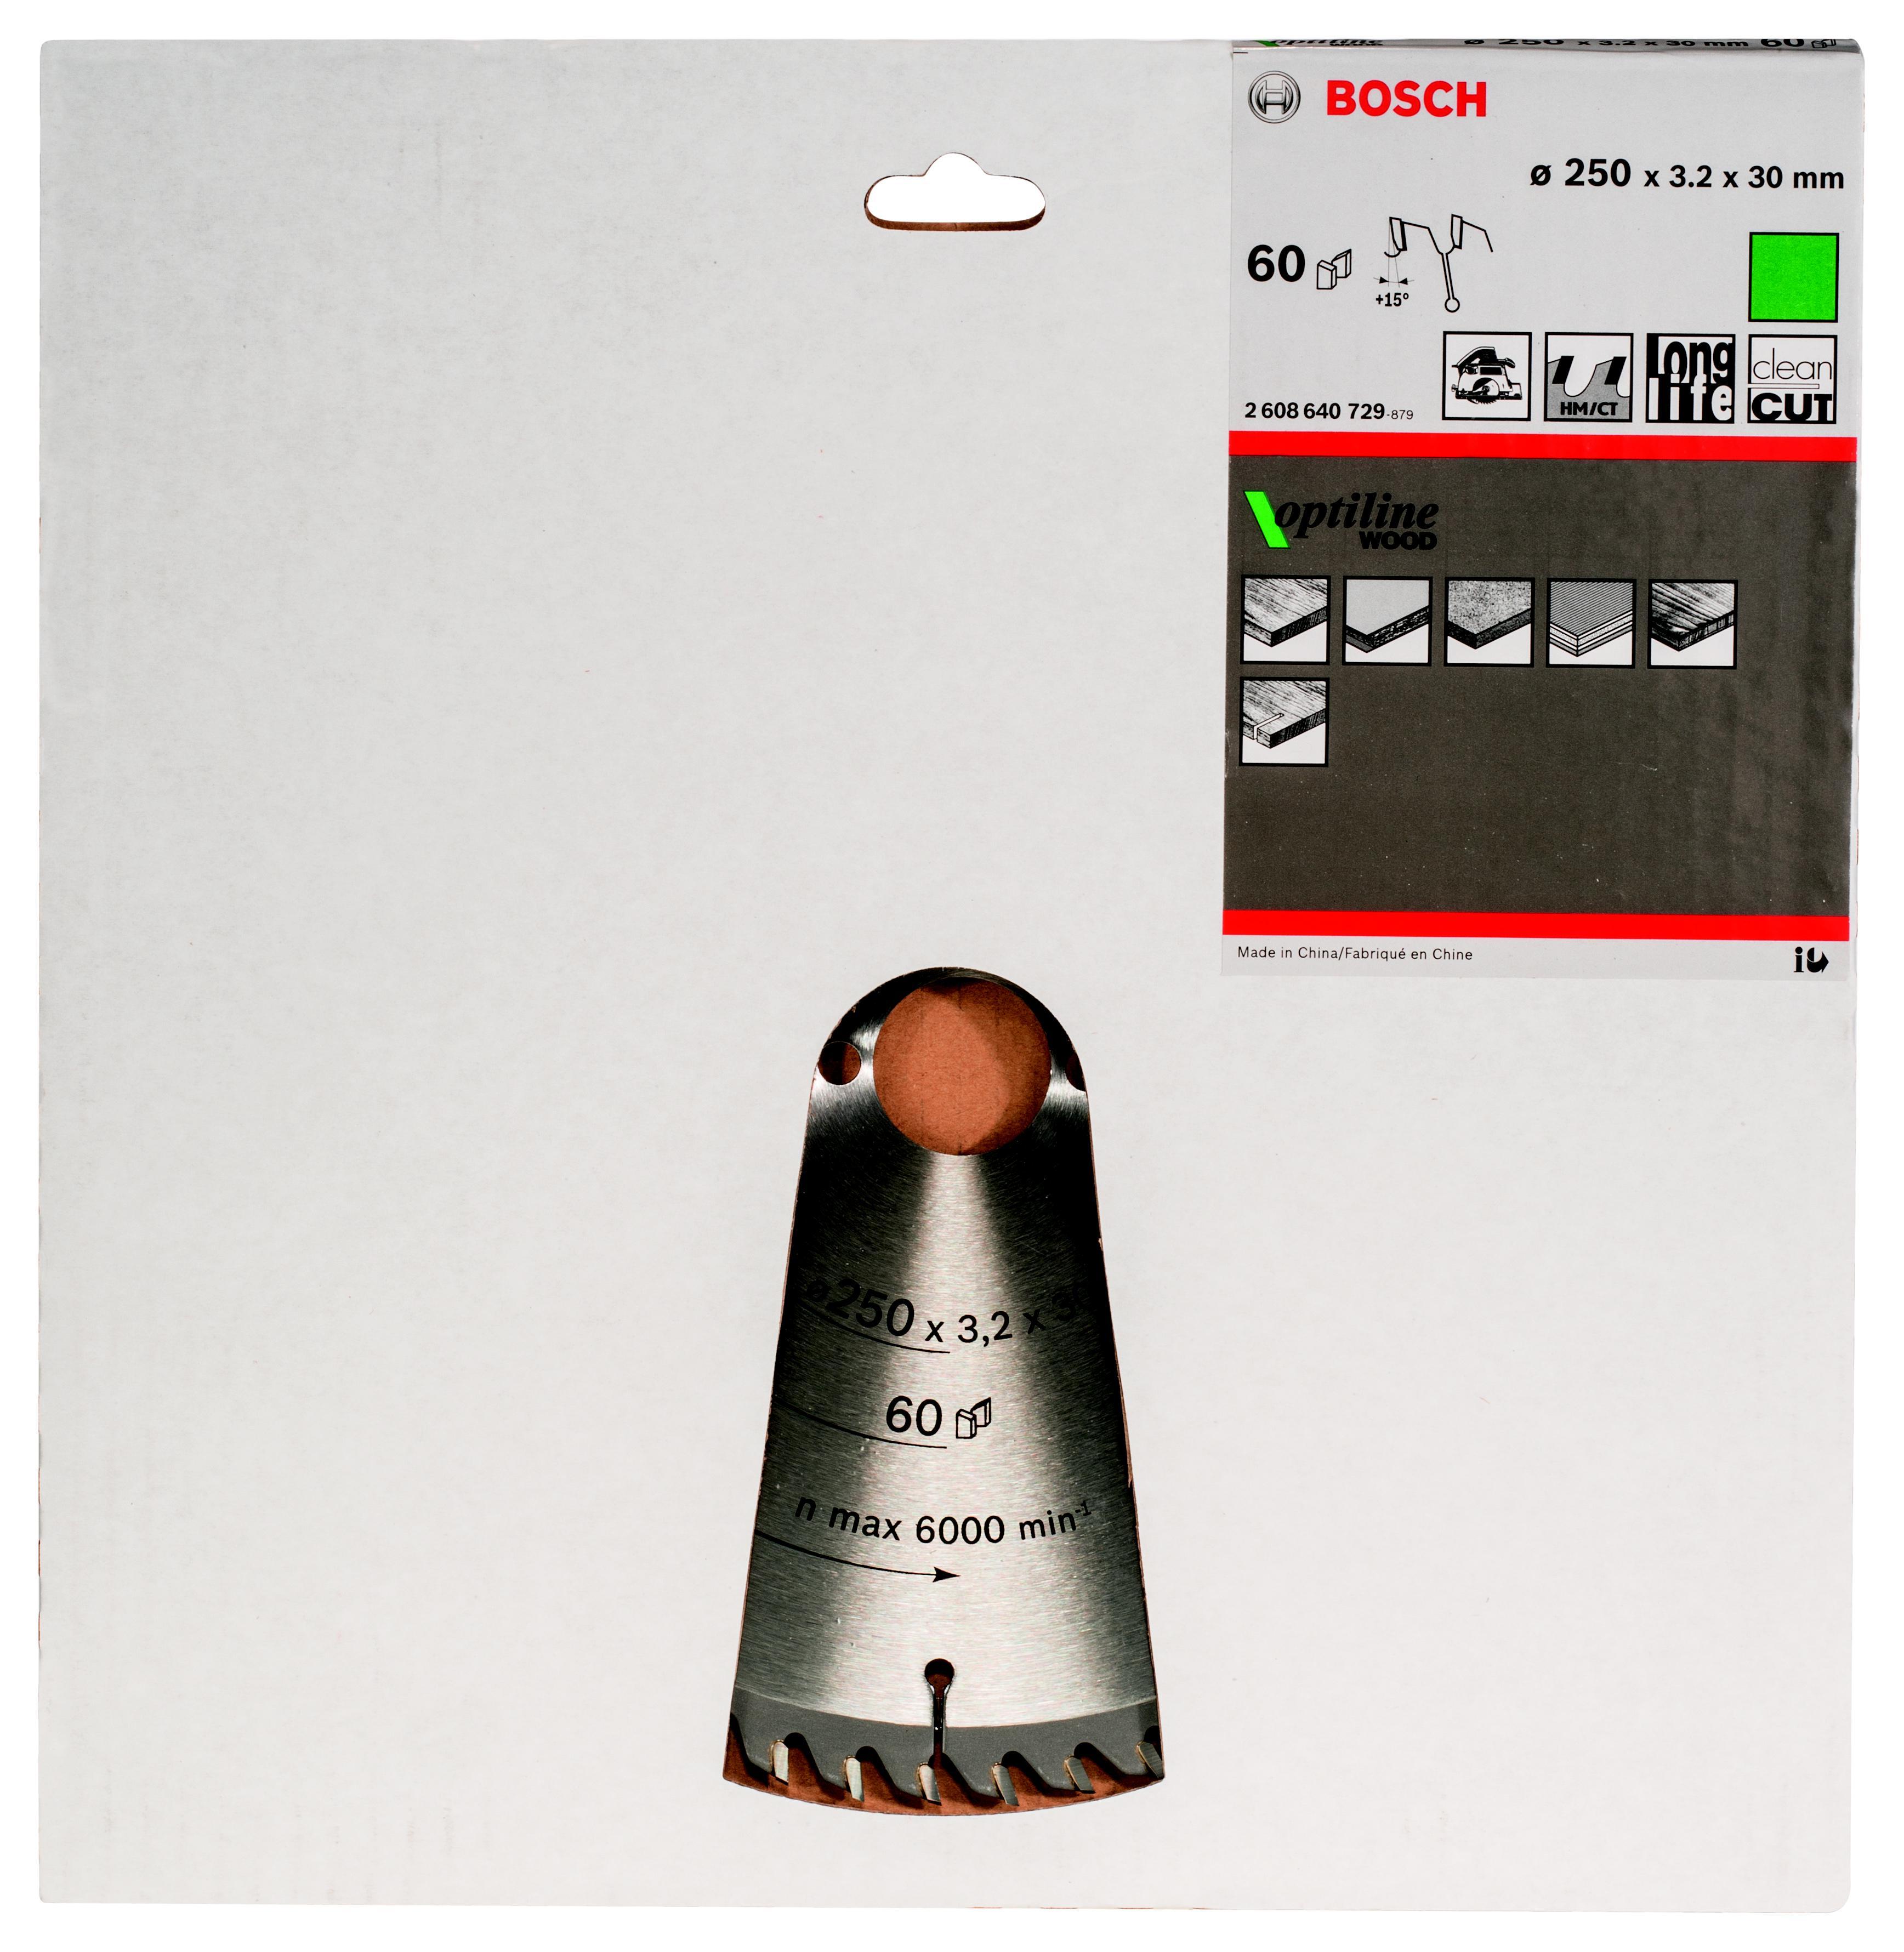 Диск пильный твердосплавный Bosch Optiline wood 250x60x30 (2.608.640.729) диск пильный твердосплавный bosch optiline wood 305x60x30 gcm 12 2 608 640 441